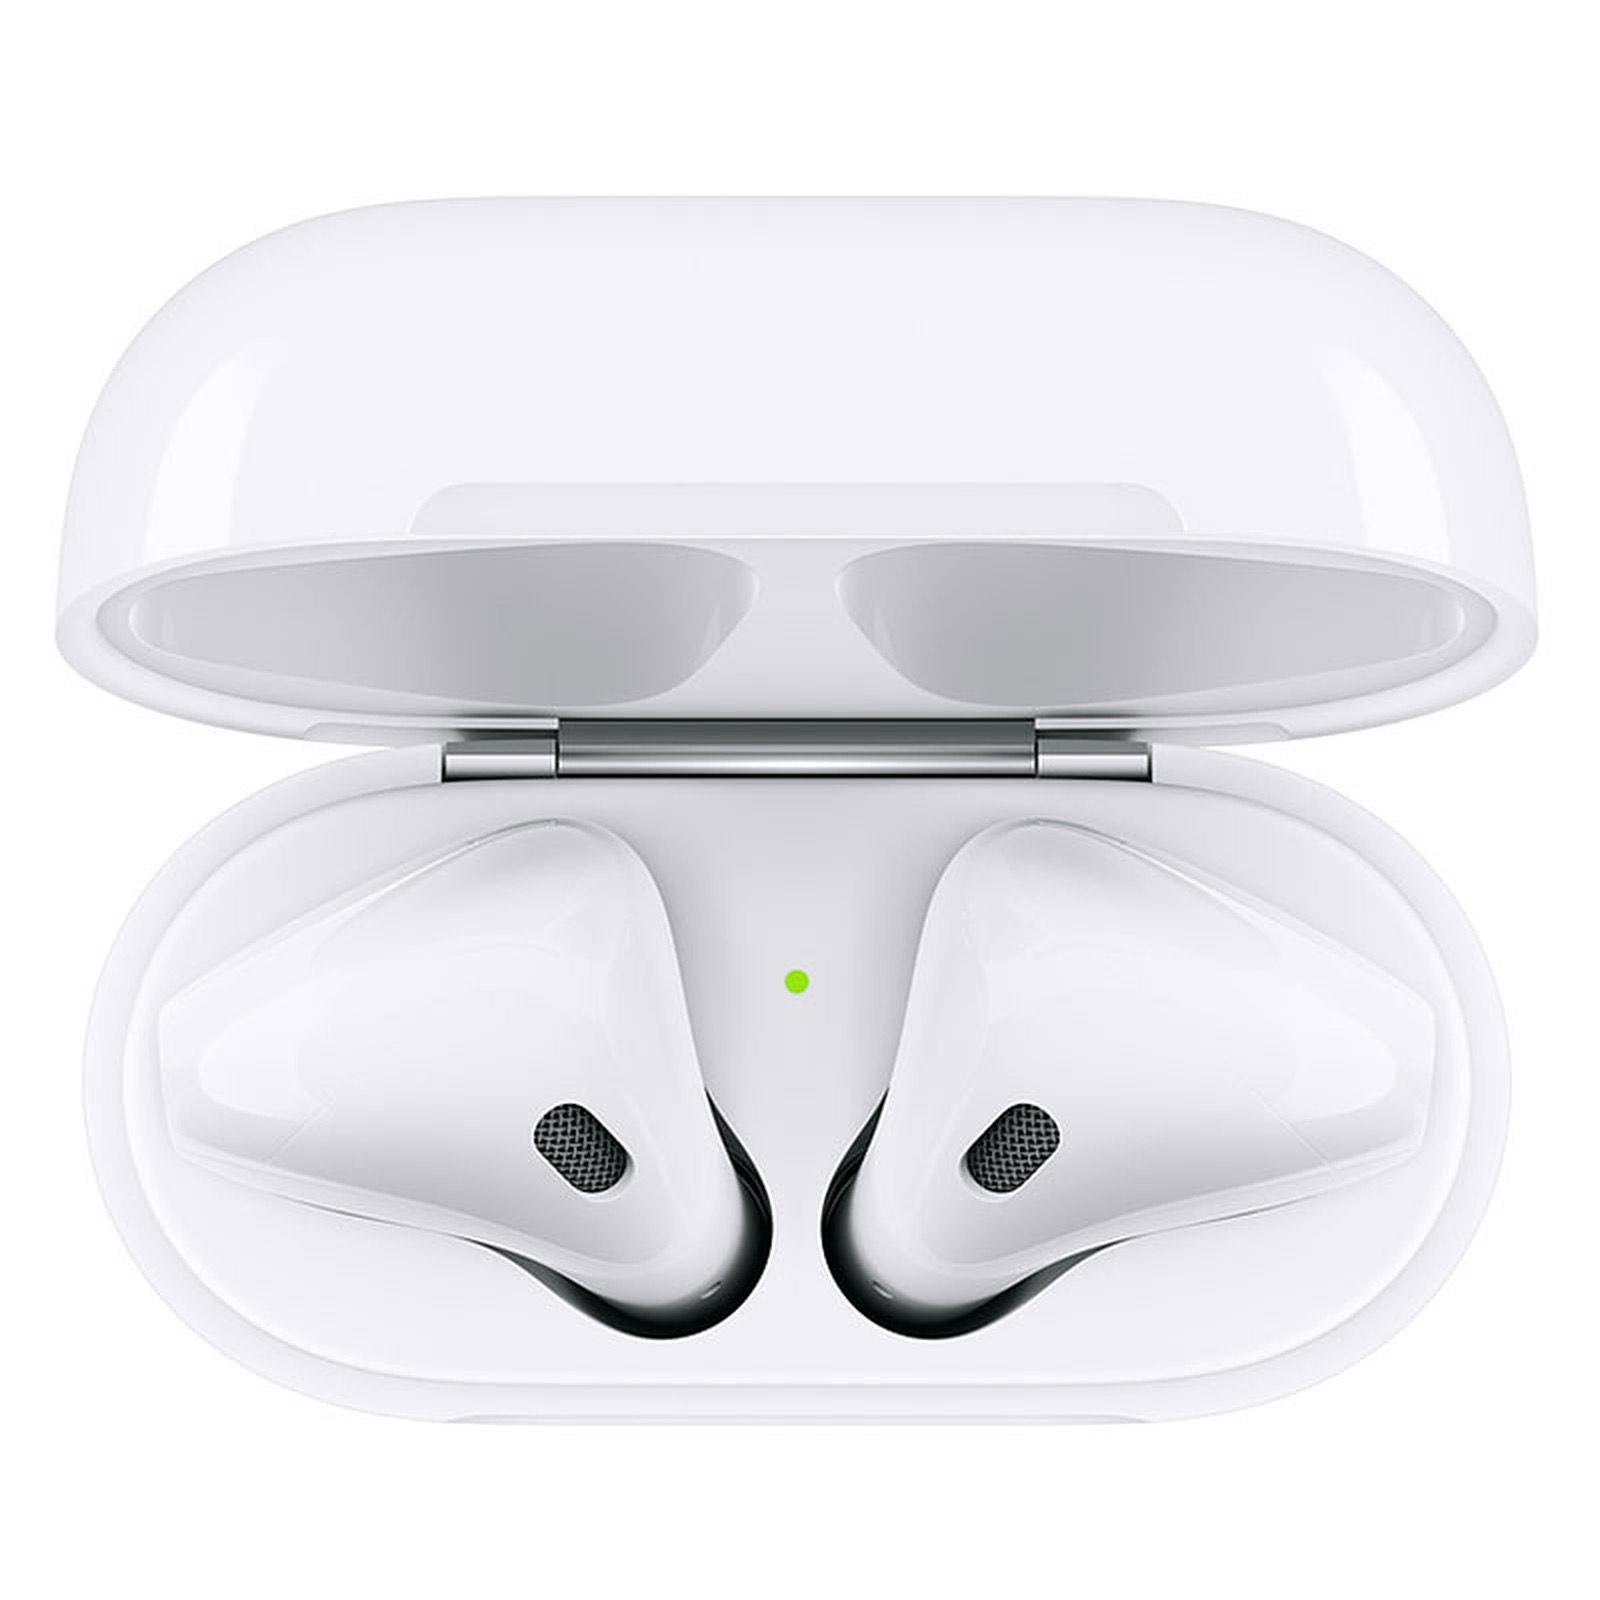 Apple Airpods 2 (Amazon)